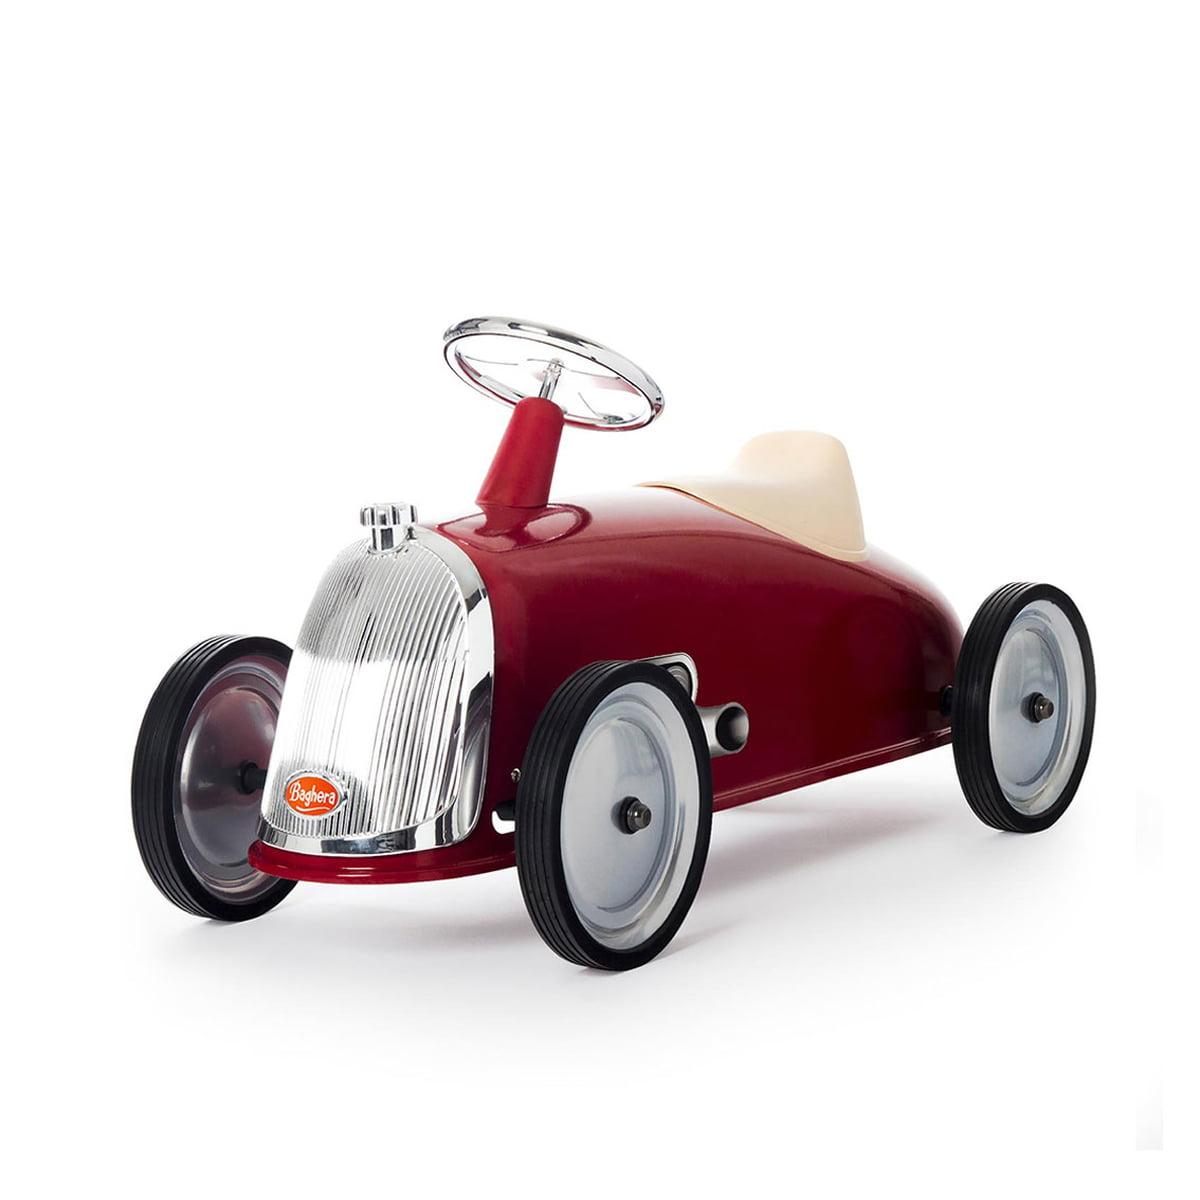 Baghera - Rider Rutschfahrzeug, rot   Kinderzimmer > Spielzeuge > Kinderfahrräder   Rot   Metall -  gummi   Baghera